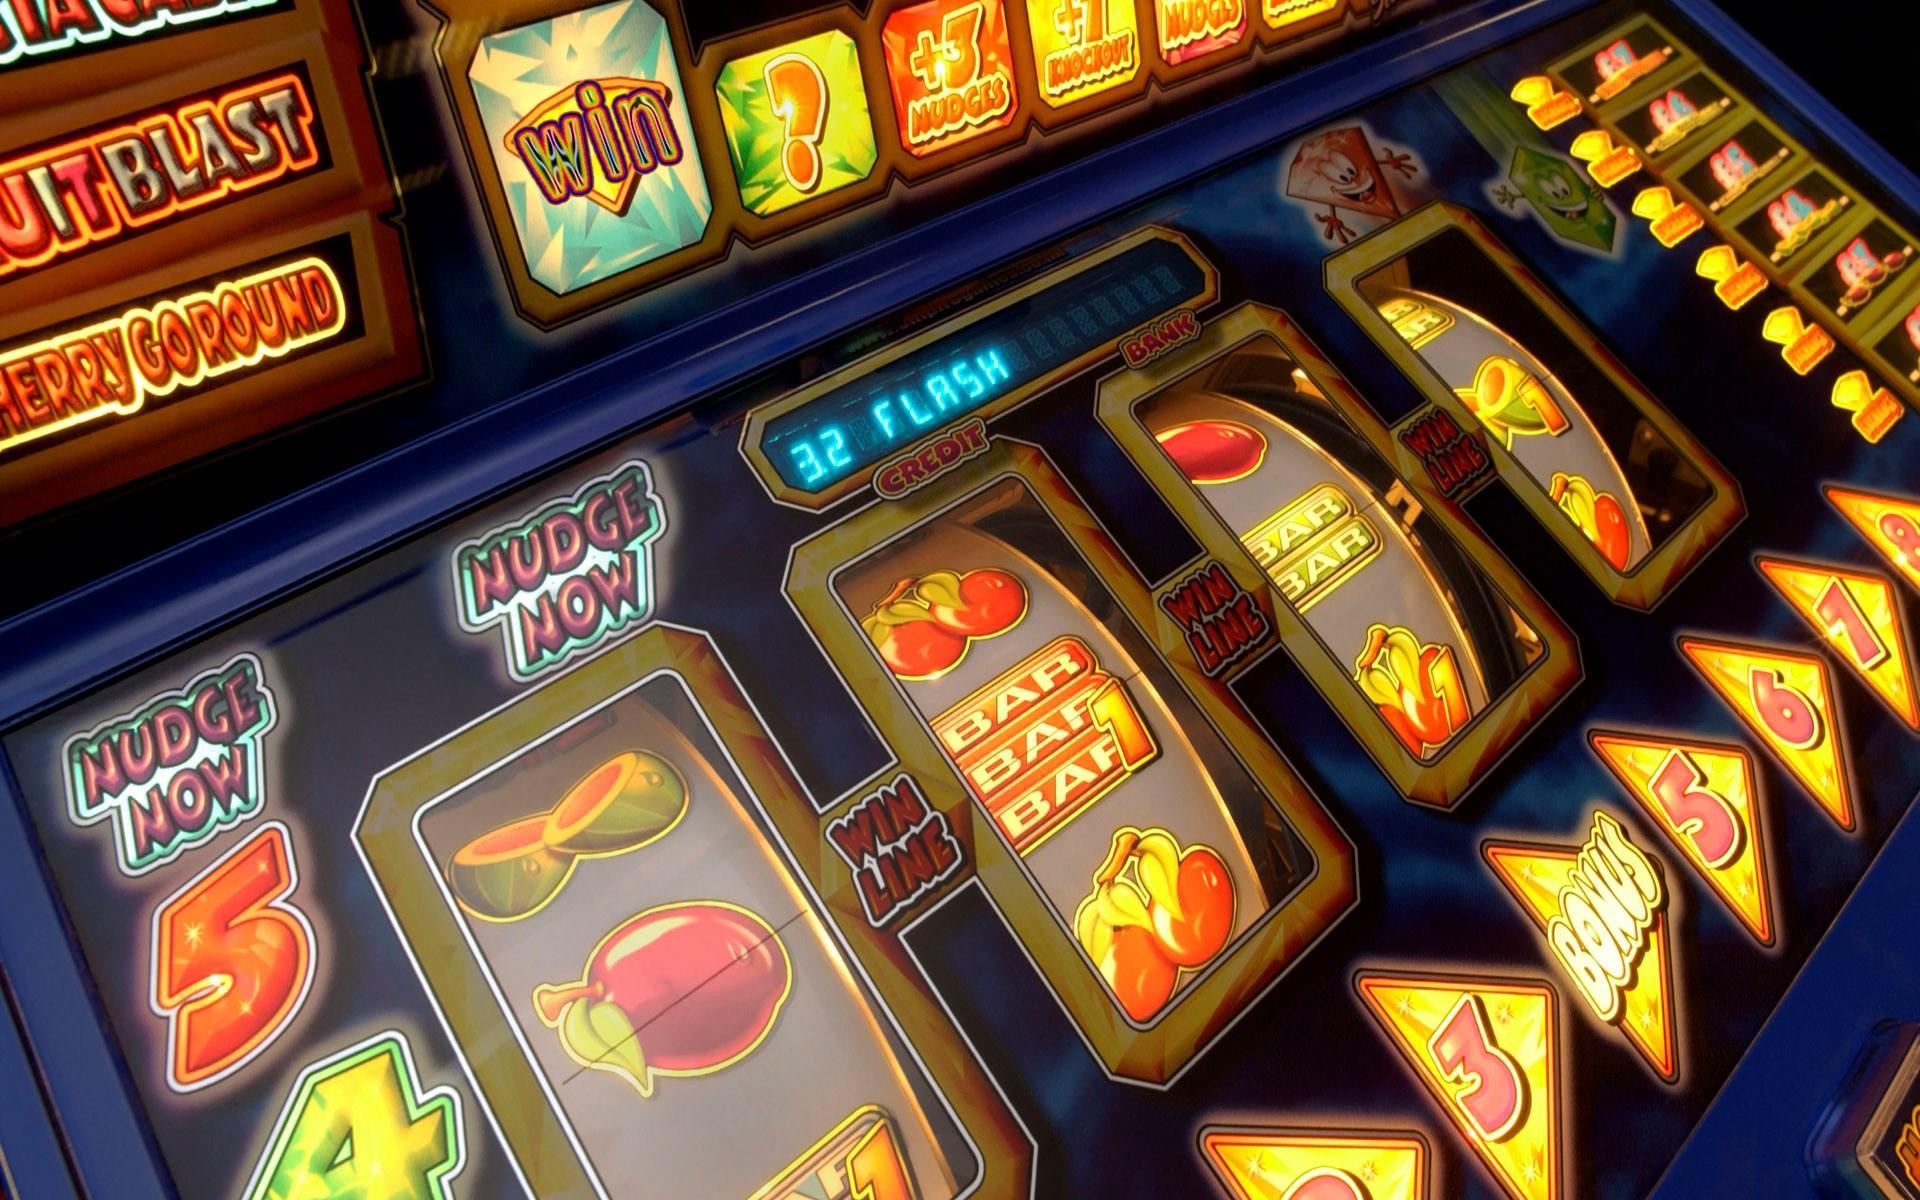 официальный сайт slot v casino играть бесплатно